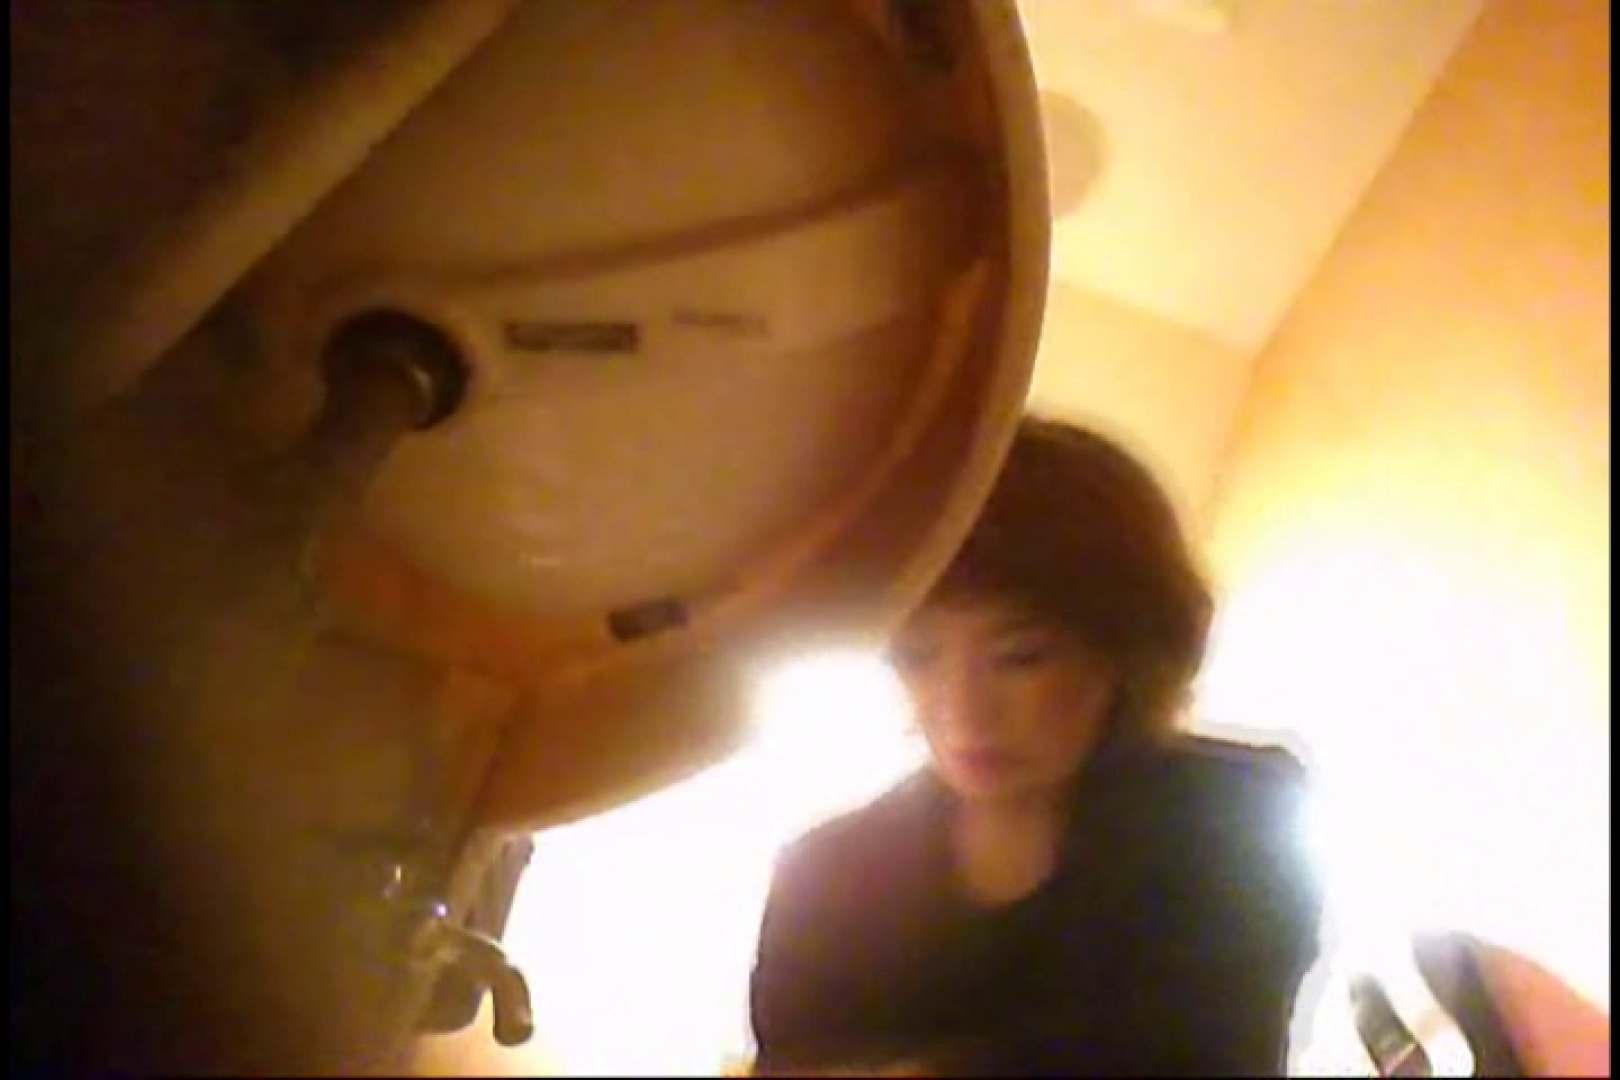 潜入!!女子化粧室盗撮~絶対見られたくない時間~vo,37 潜入 AV動画キャプチャ 63枚